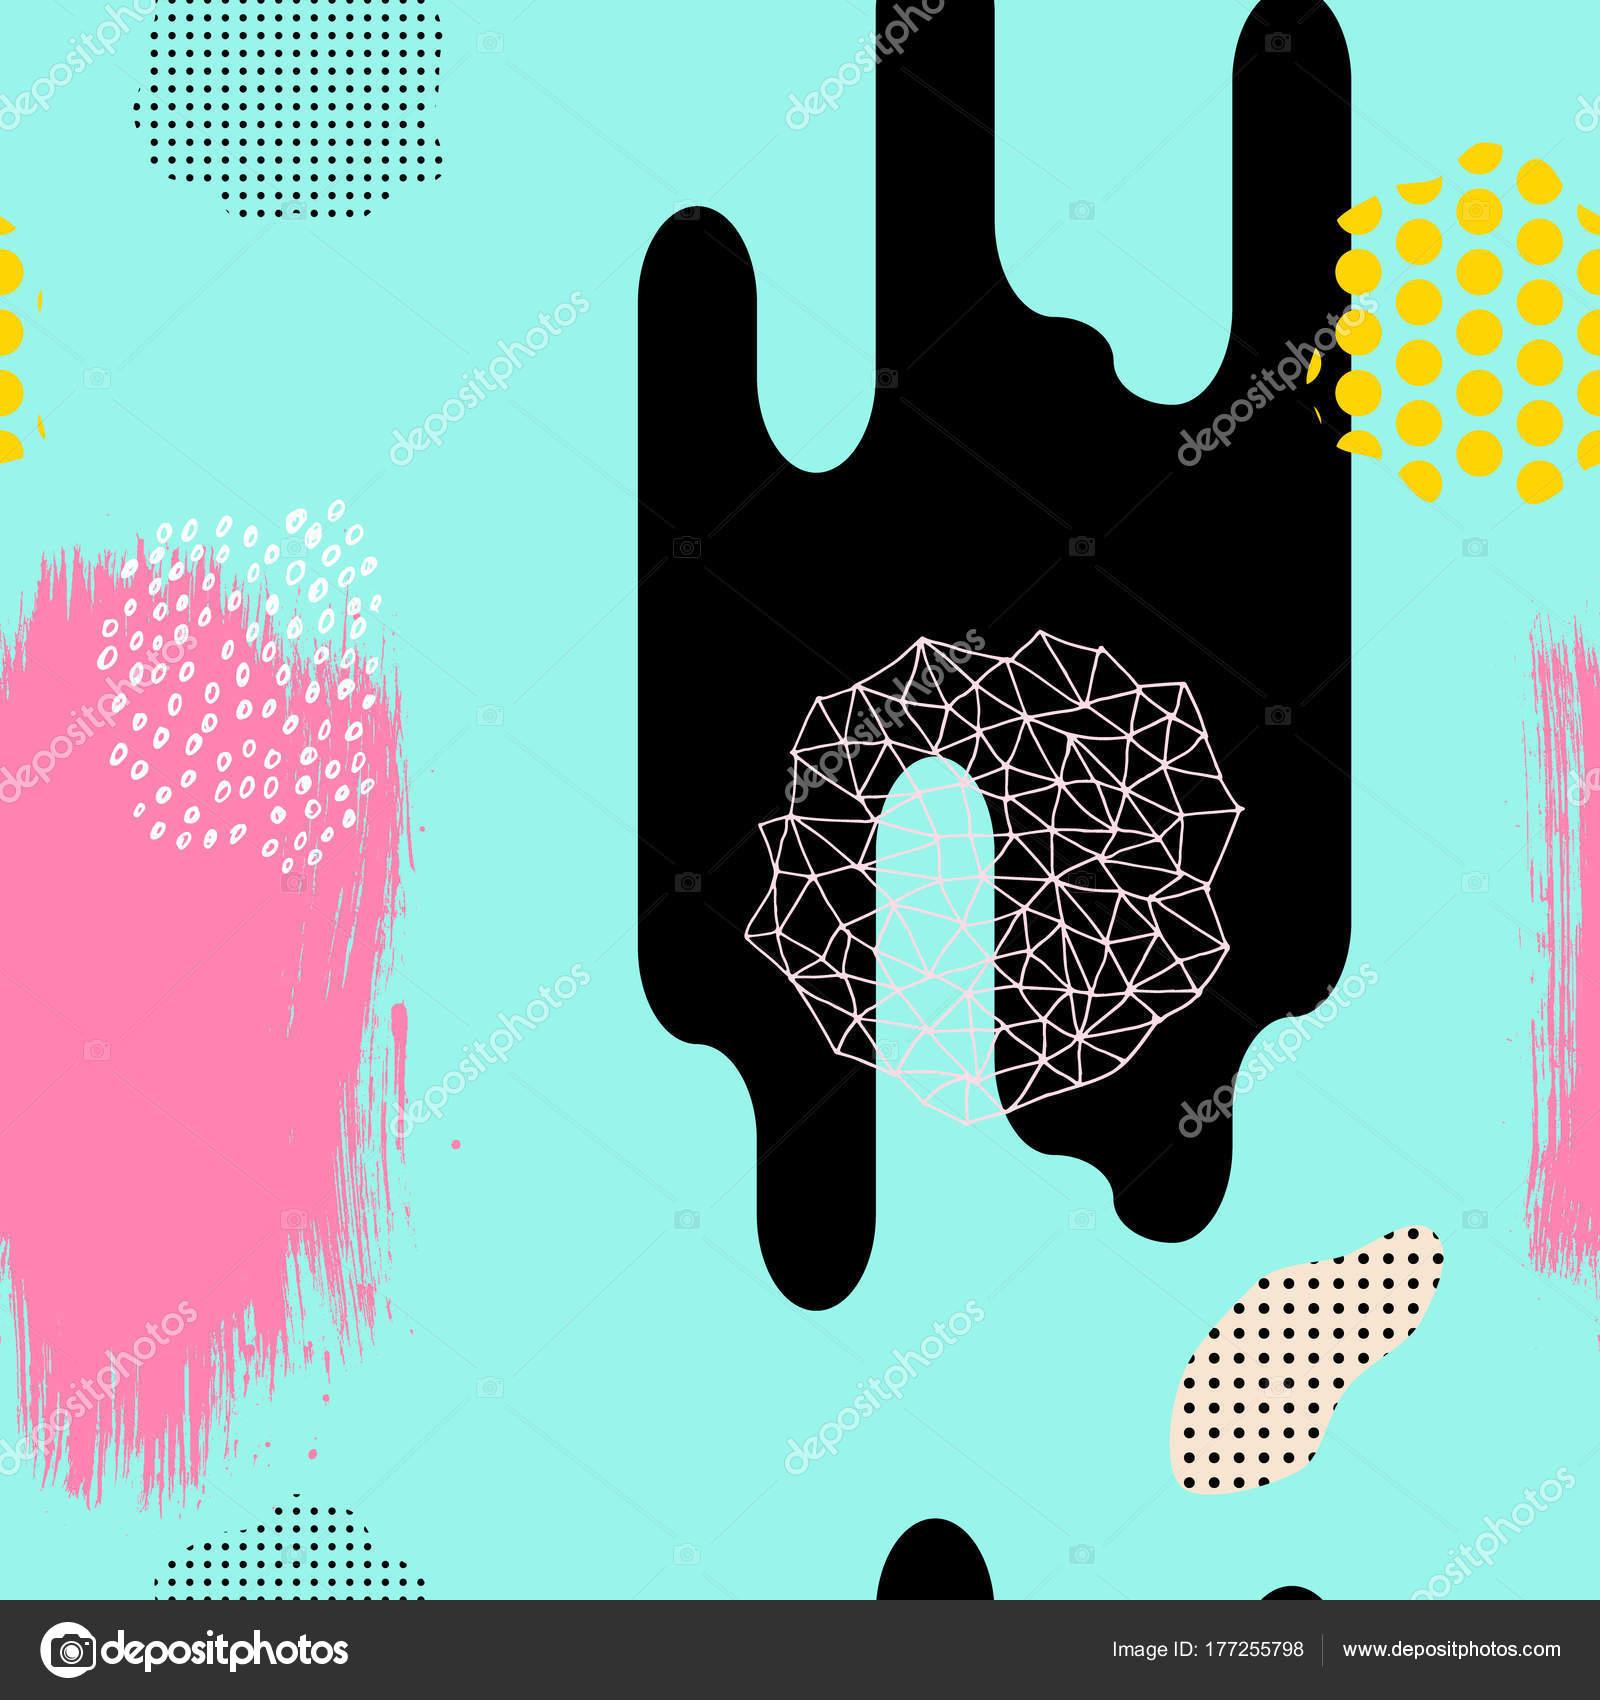 Fondos Para 15 Años Wallpapers Verdes Funky De Geométrica Perfecta